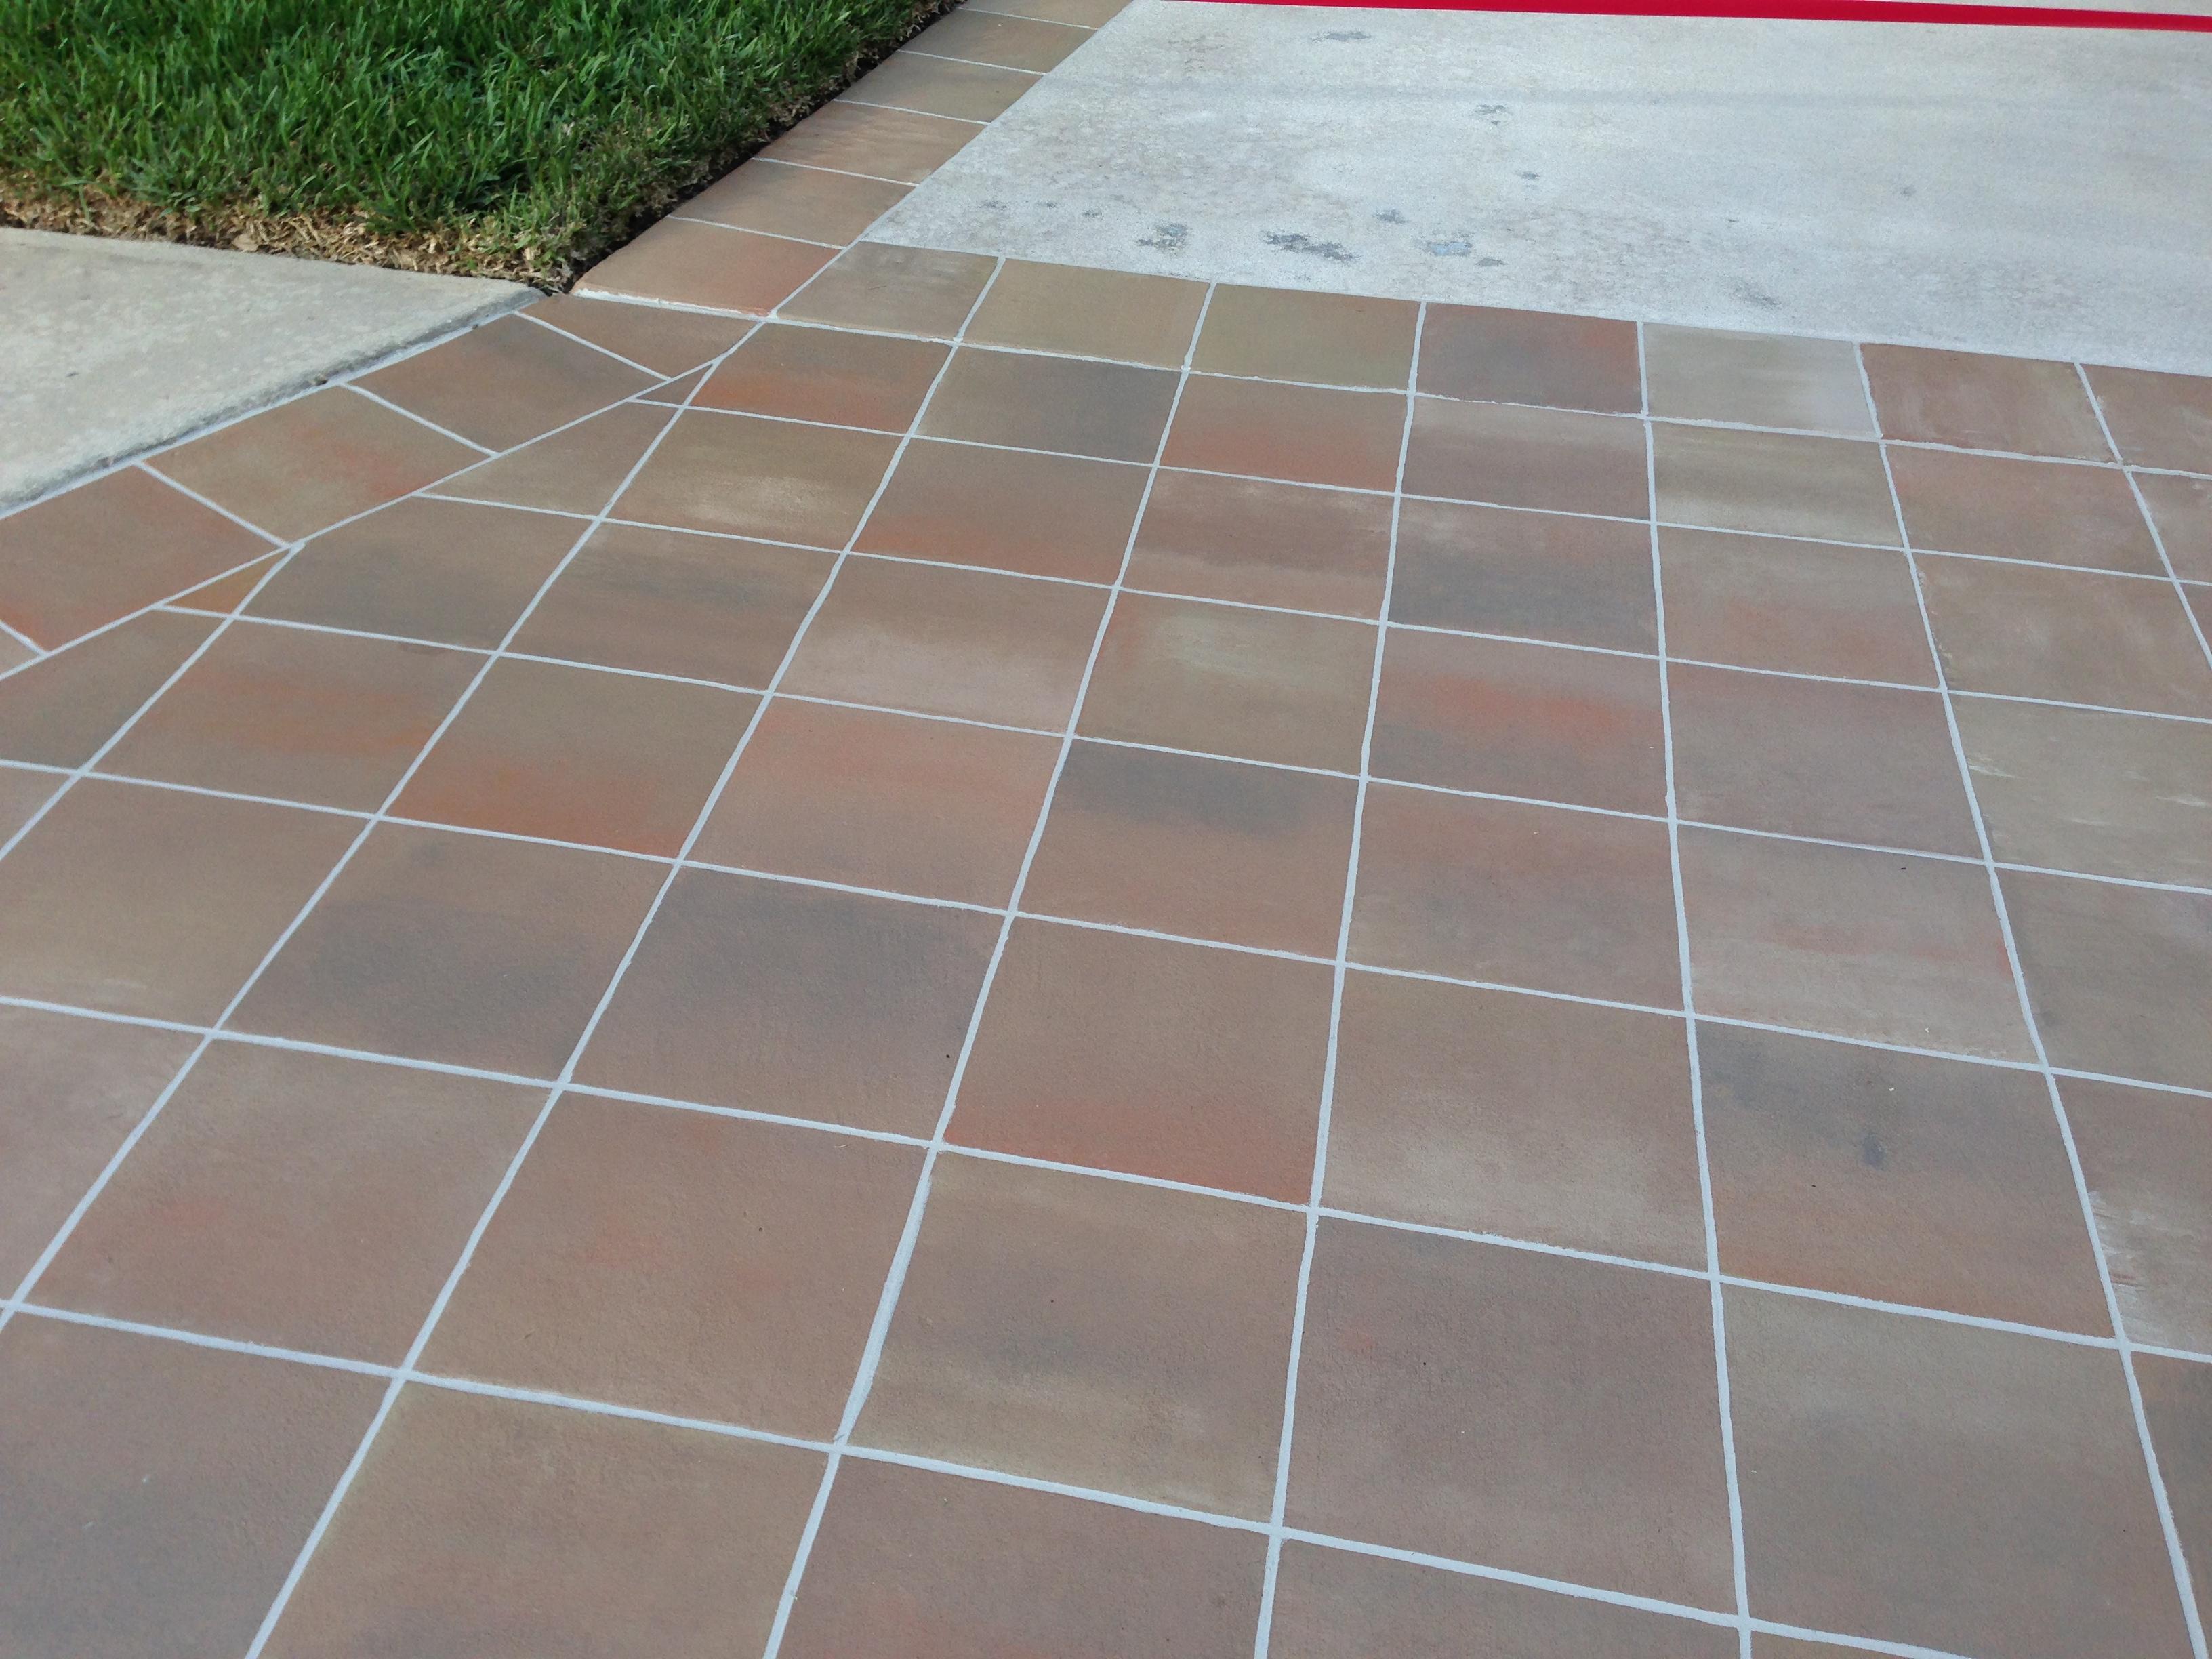 Tile Driveway